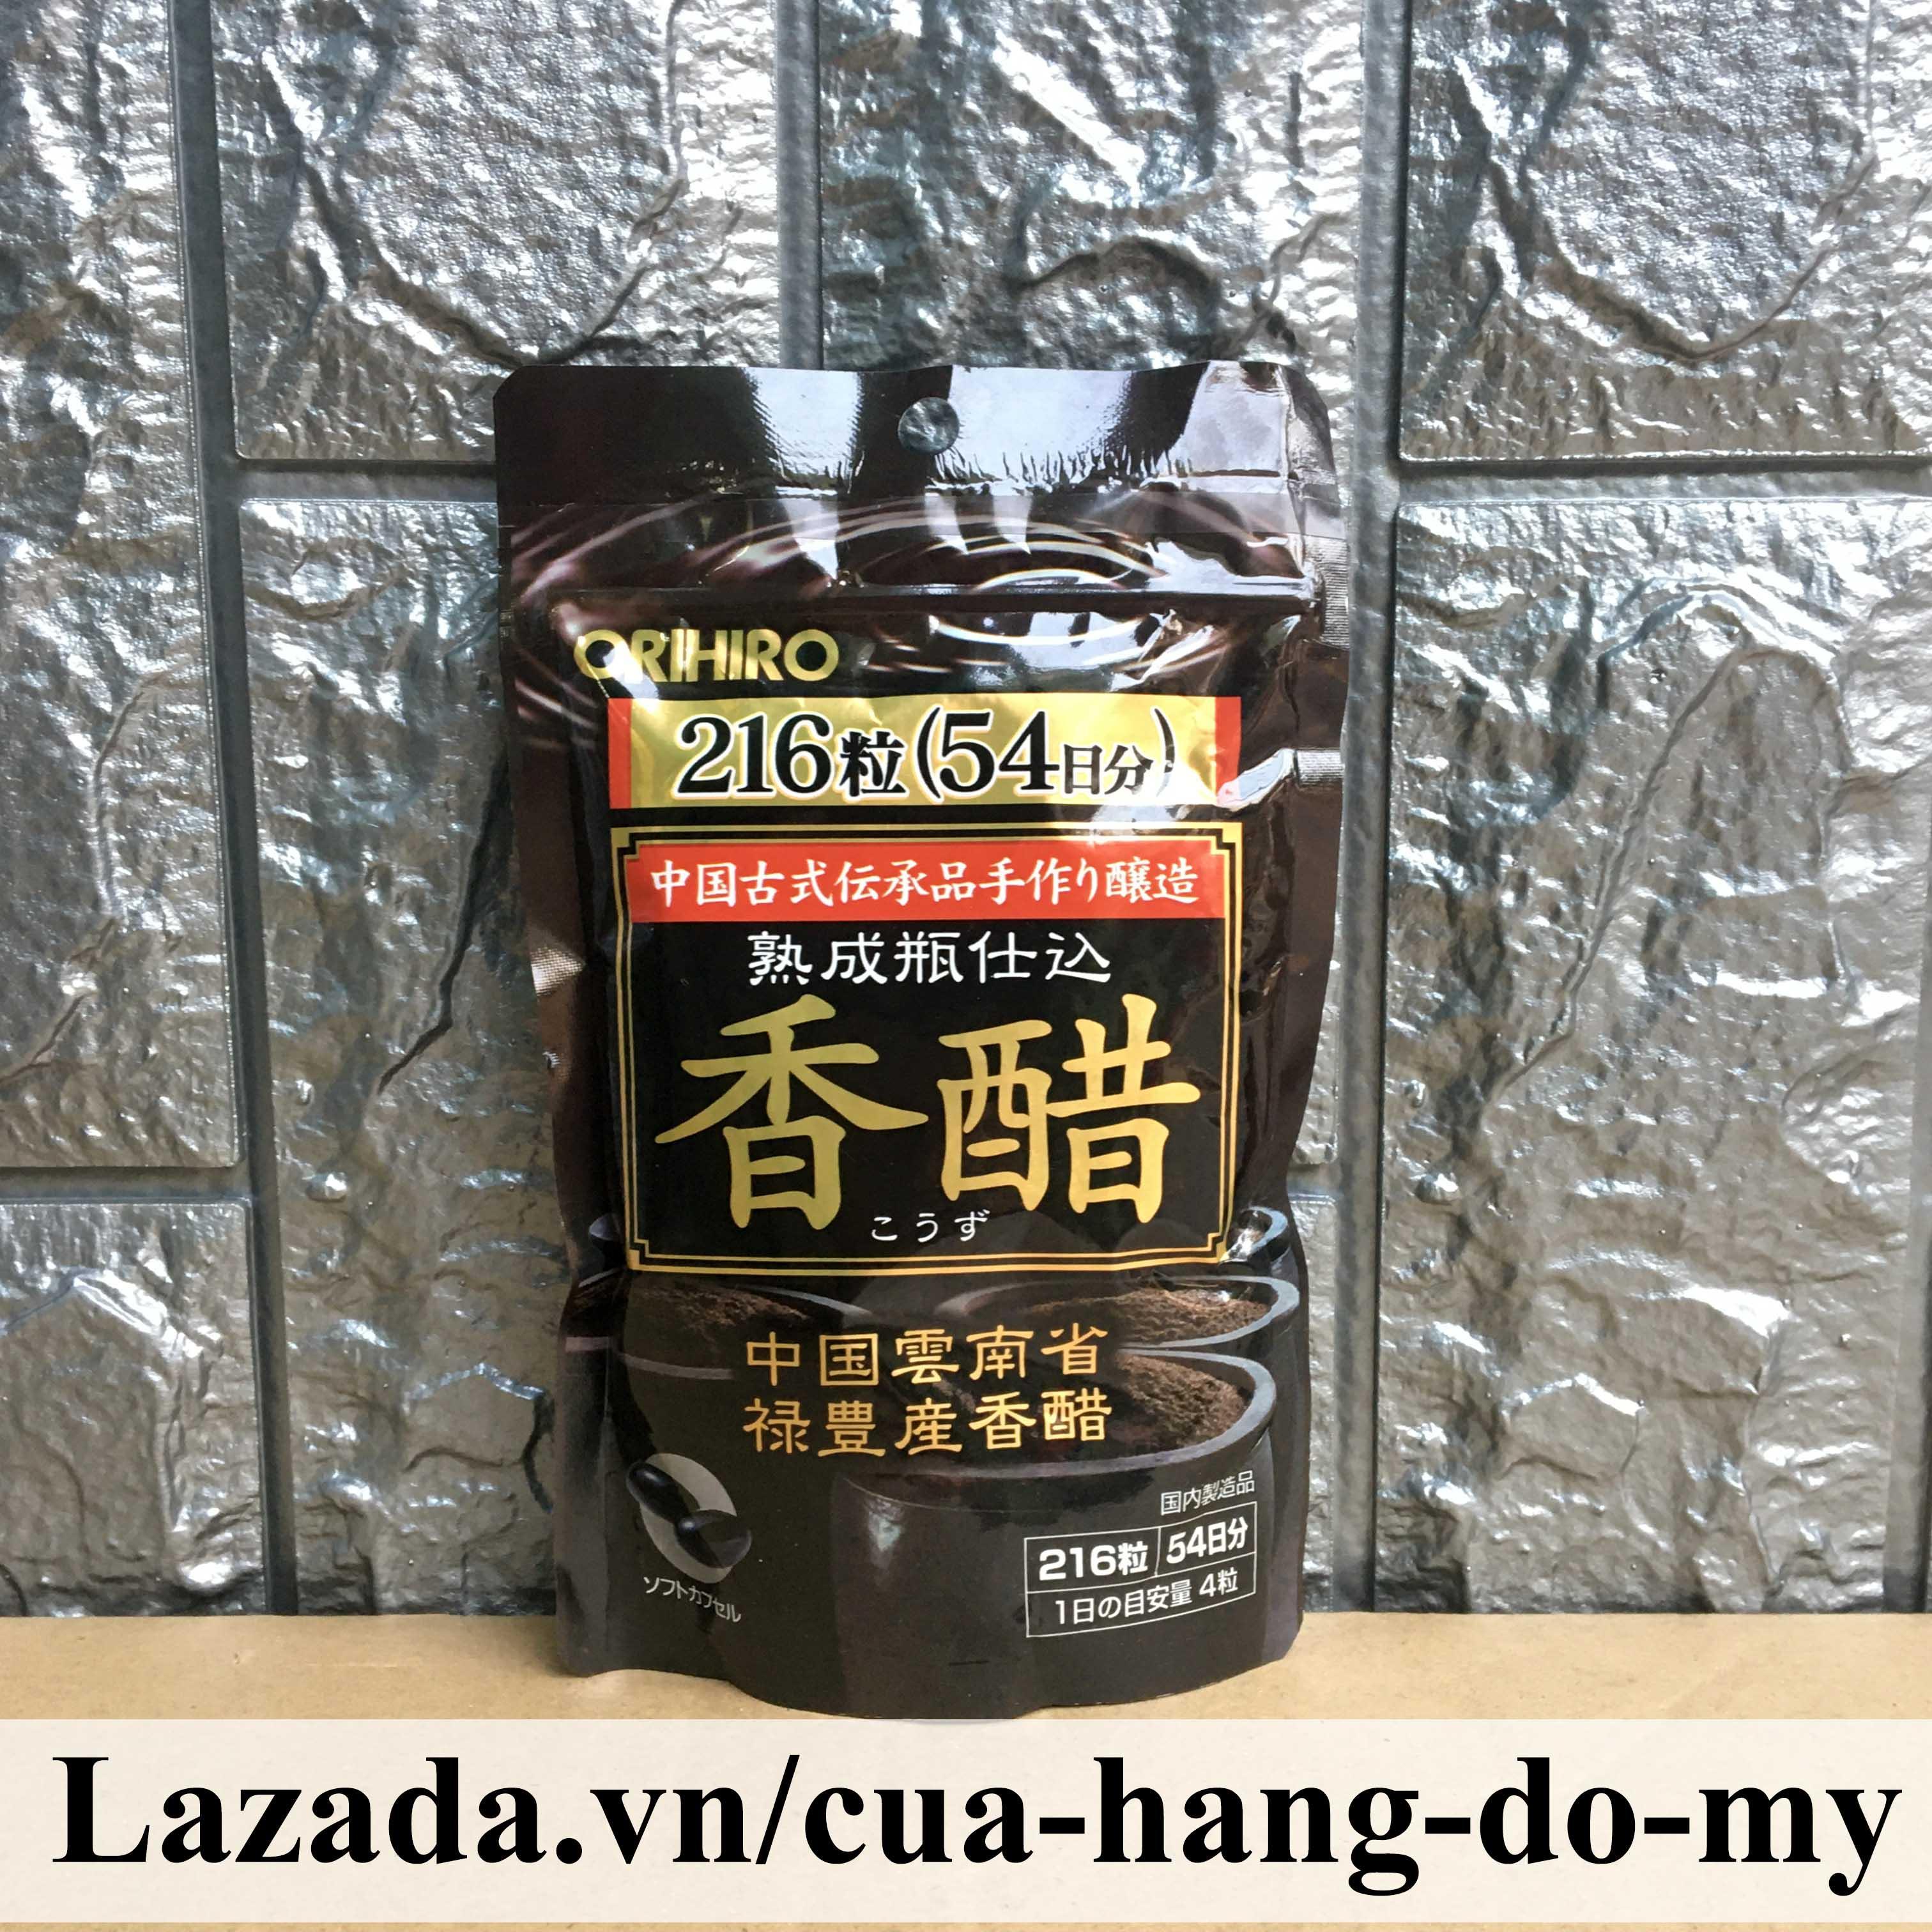 Viên uống Giấm Đen Giảm Cân Nhật Bản Orihiro 216 Viên - Dấm đen